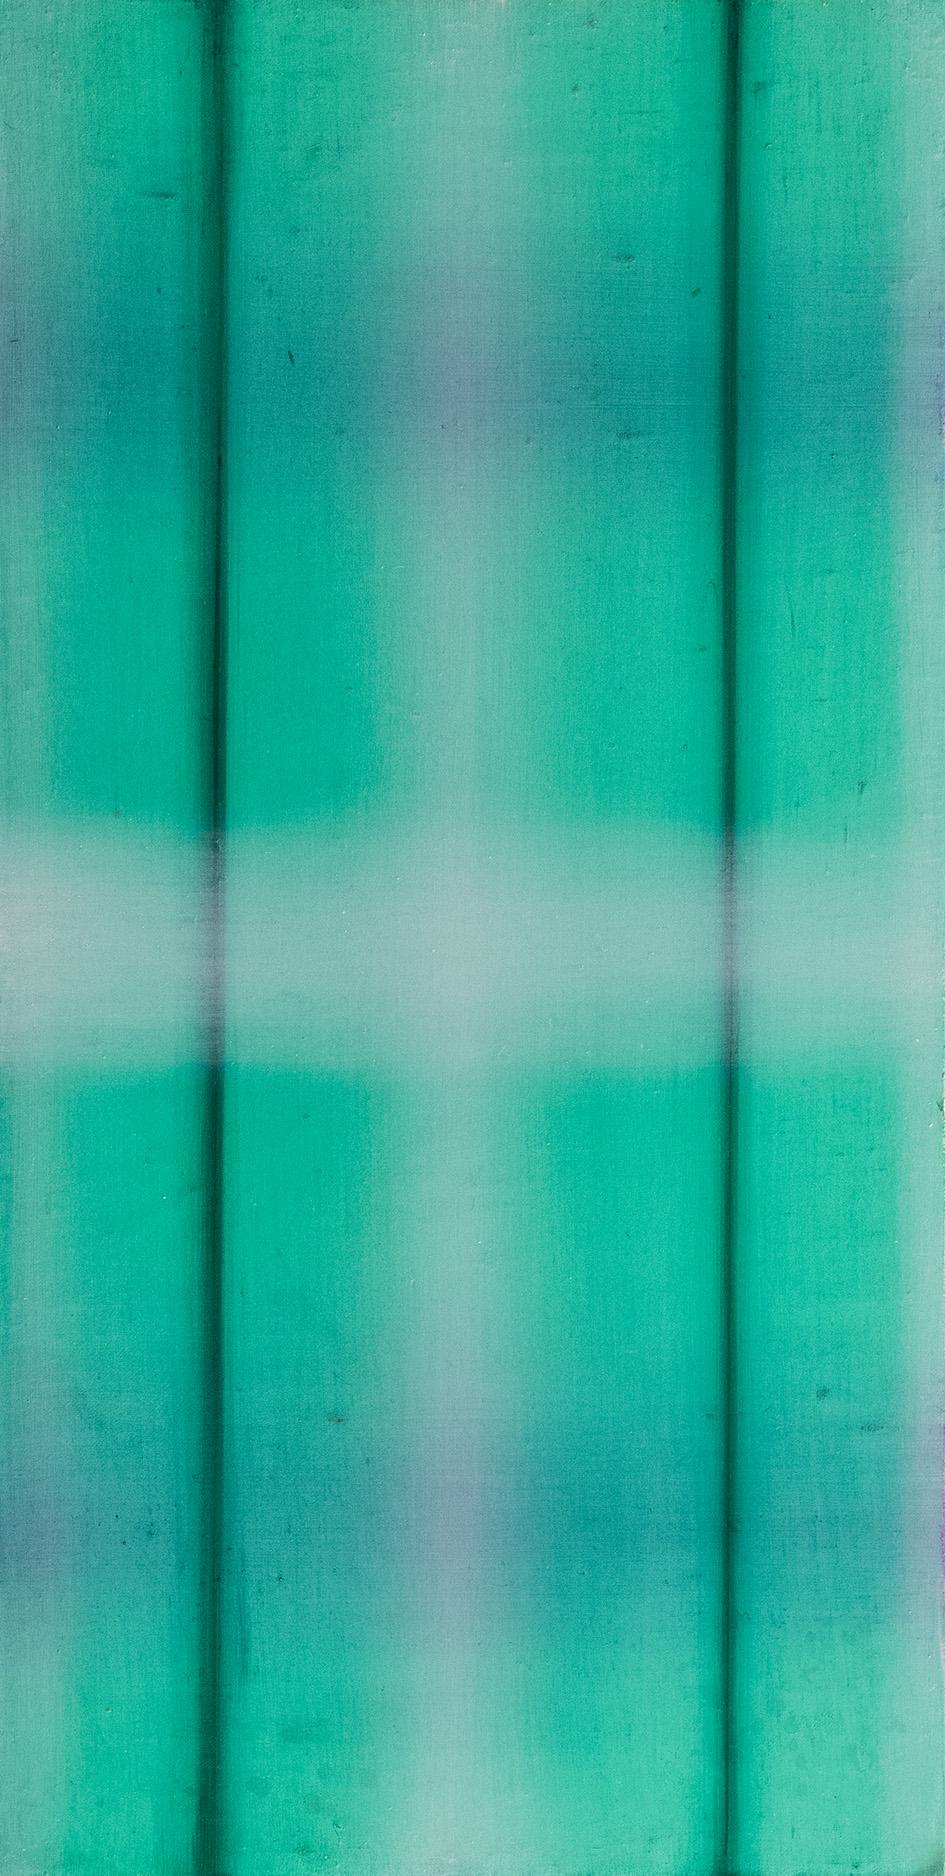 光線4號 Light beaM 4  43 x 22 cm 油彩畫布 Oil on Canvas 2017